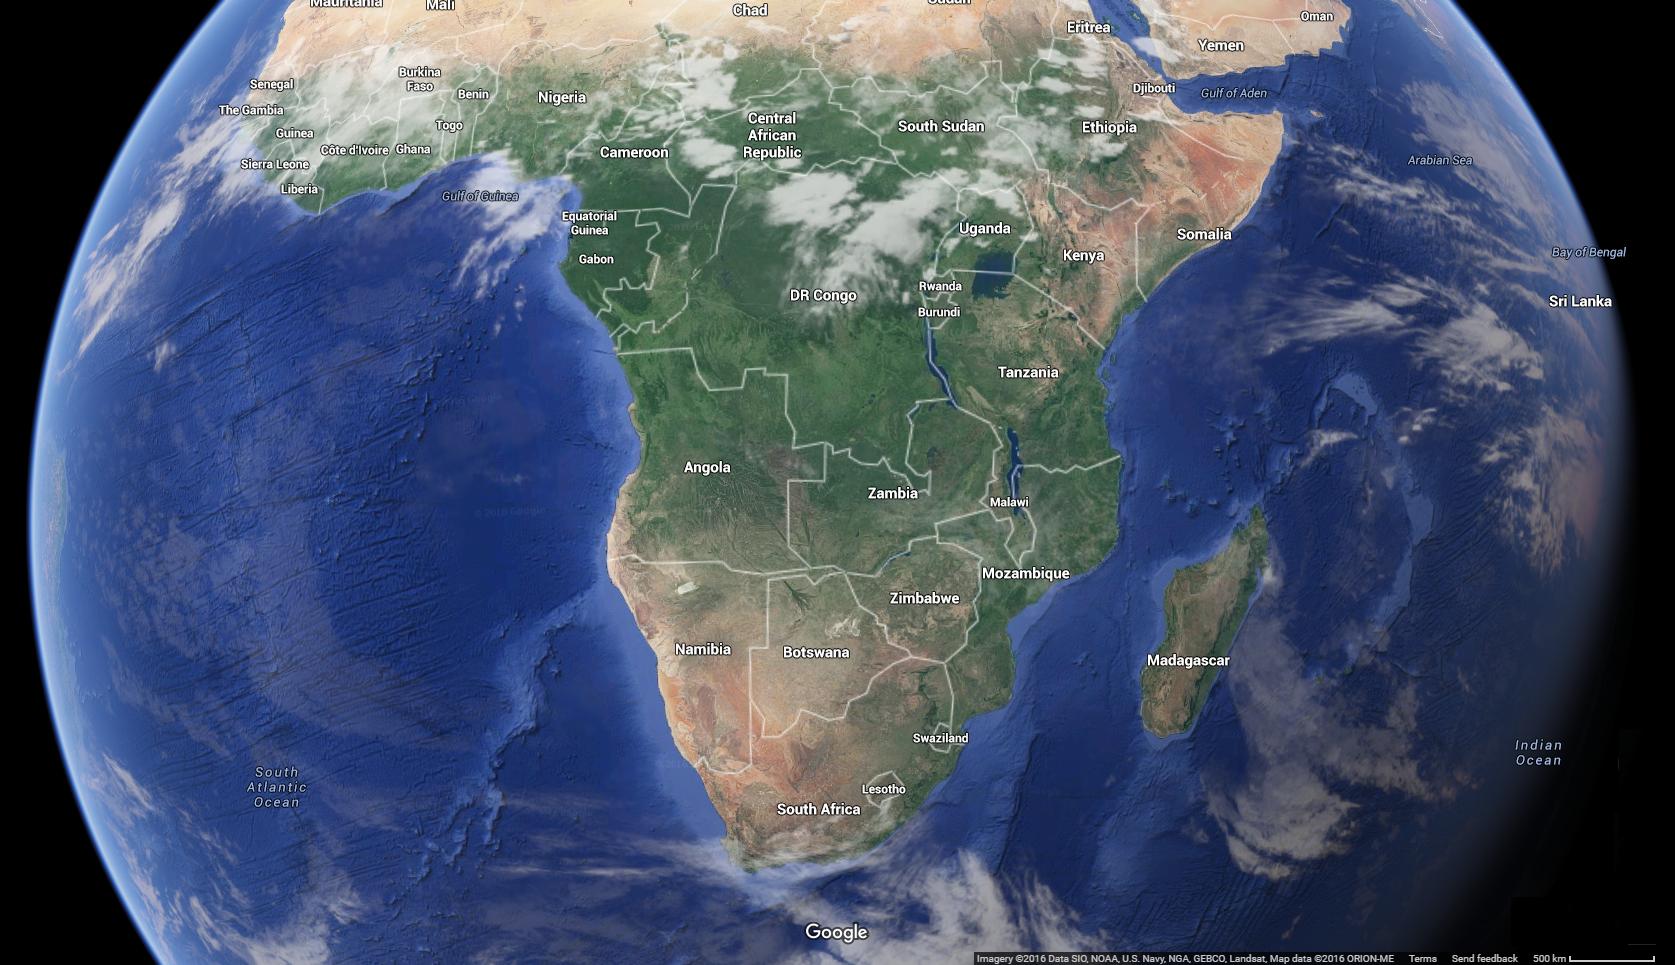 4 Sub-Saharan Africa